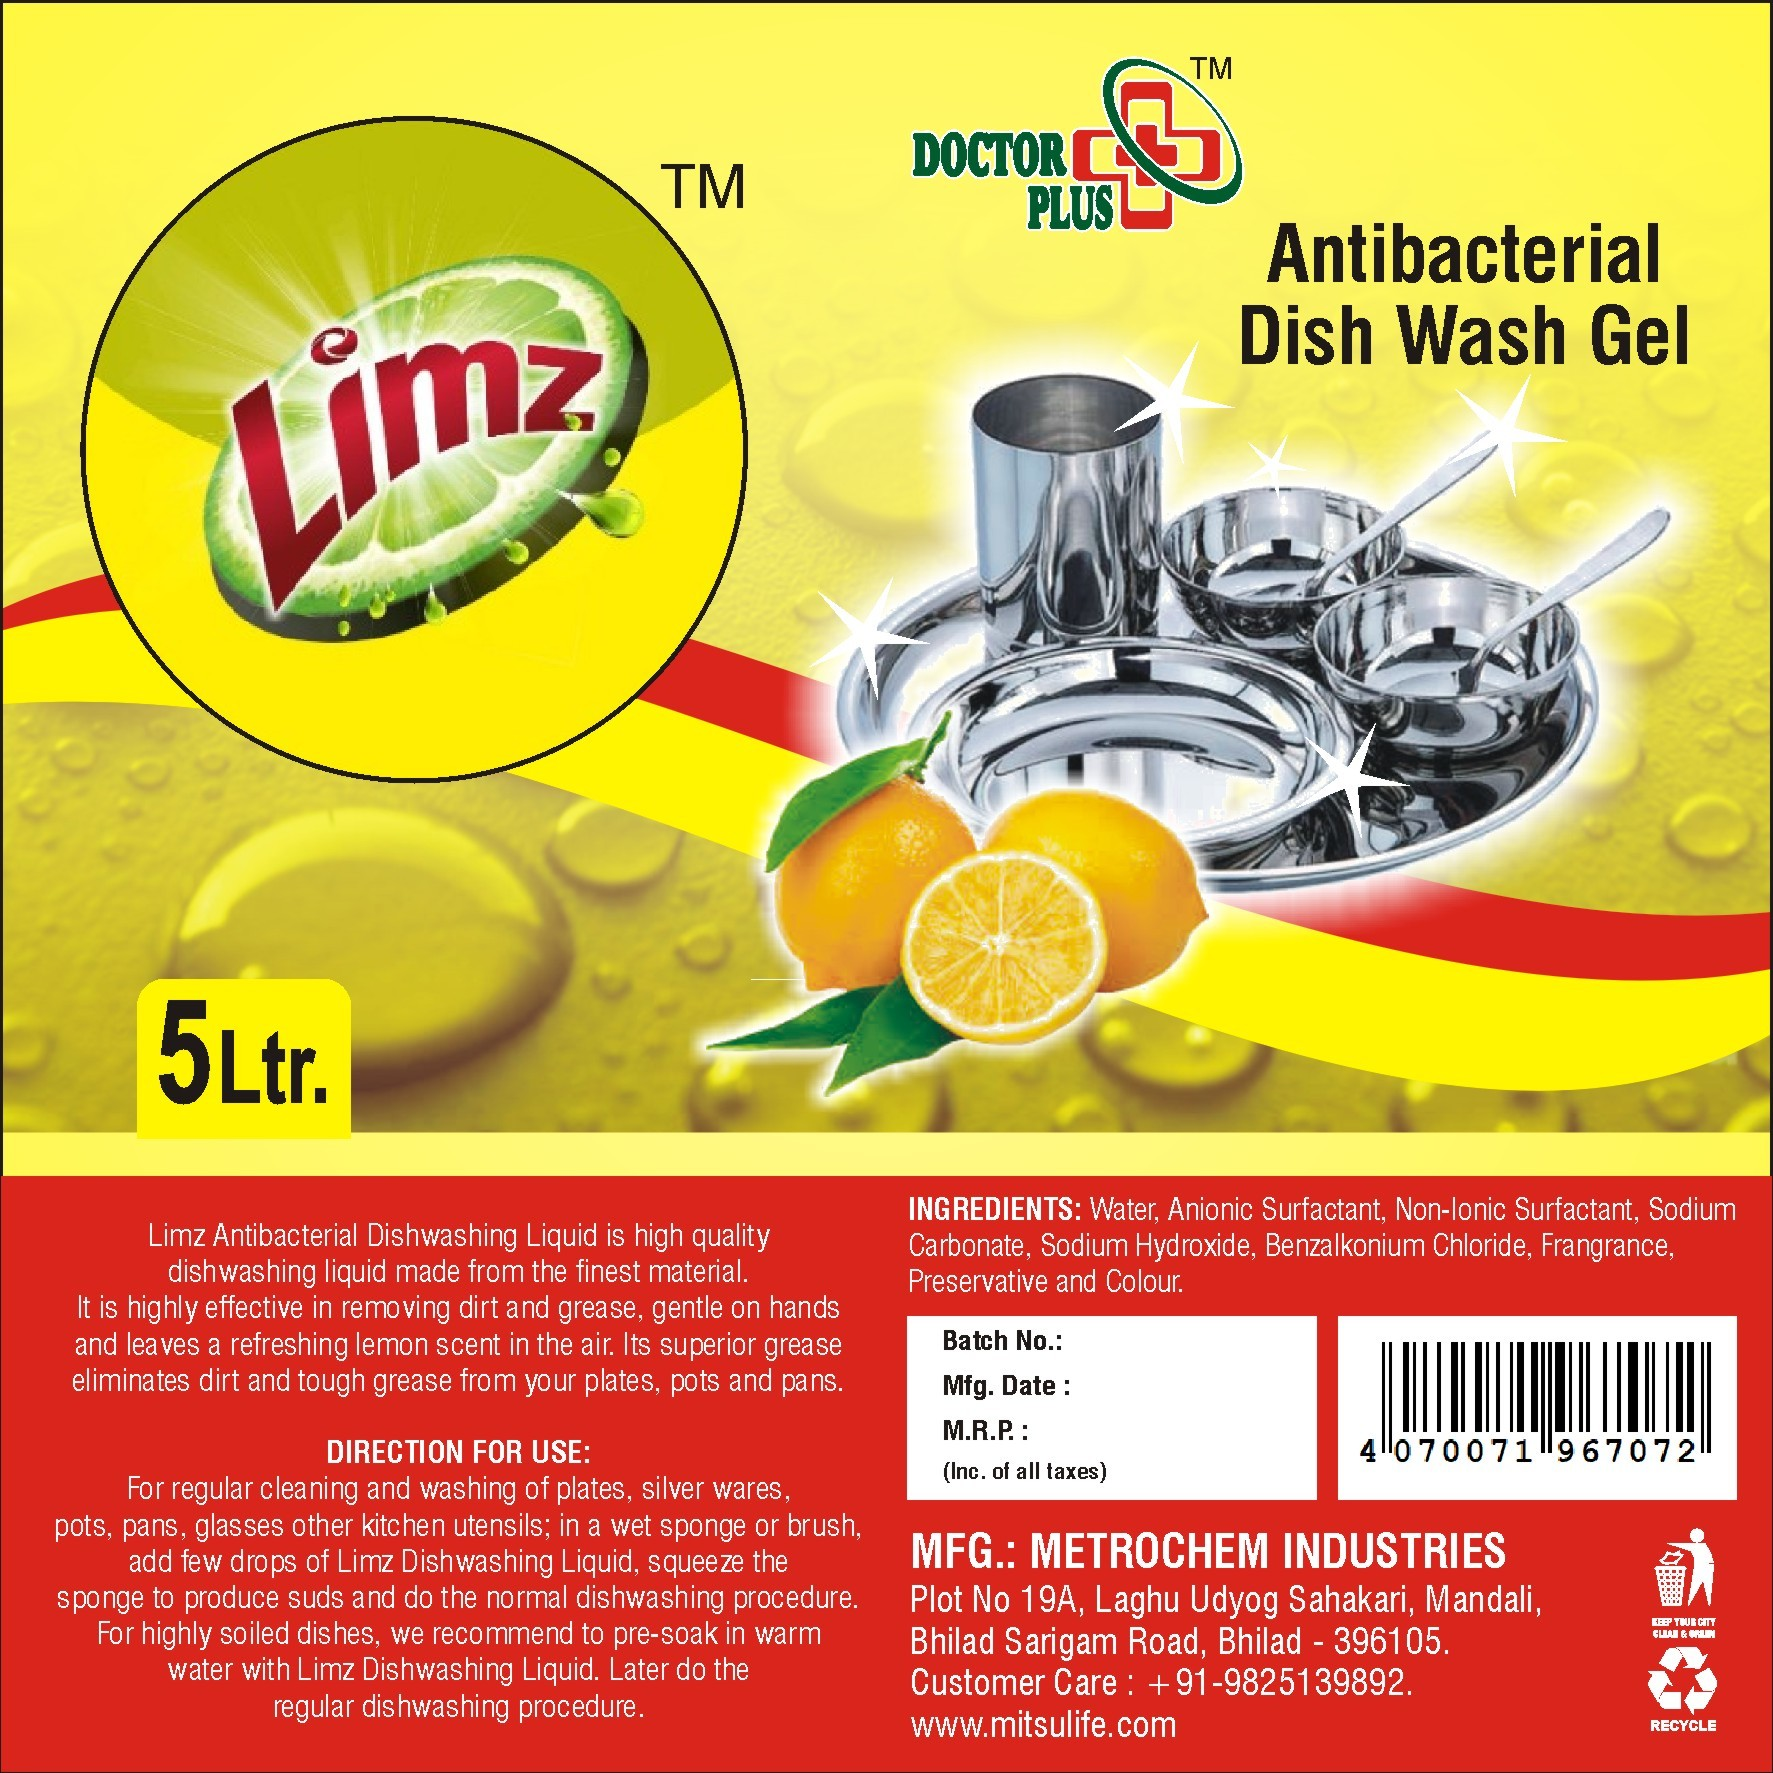 Limz Antibacterial Dishwash Gel